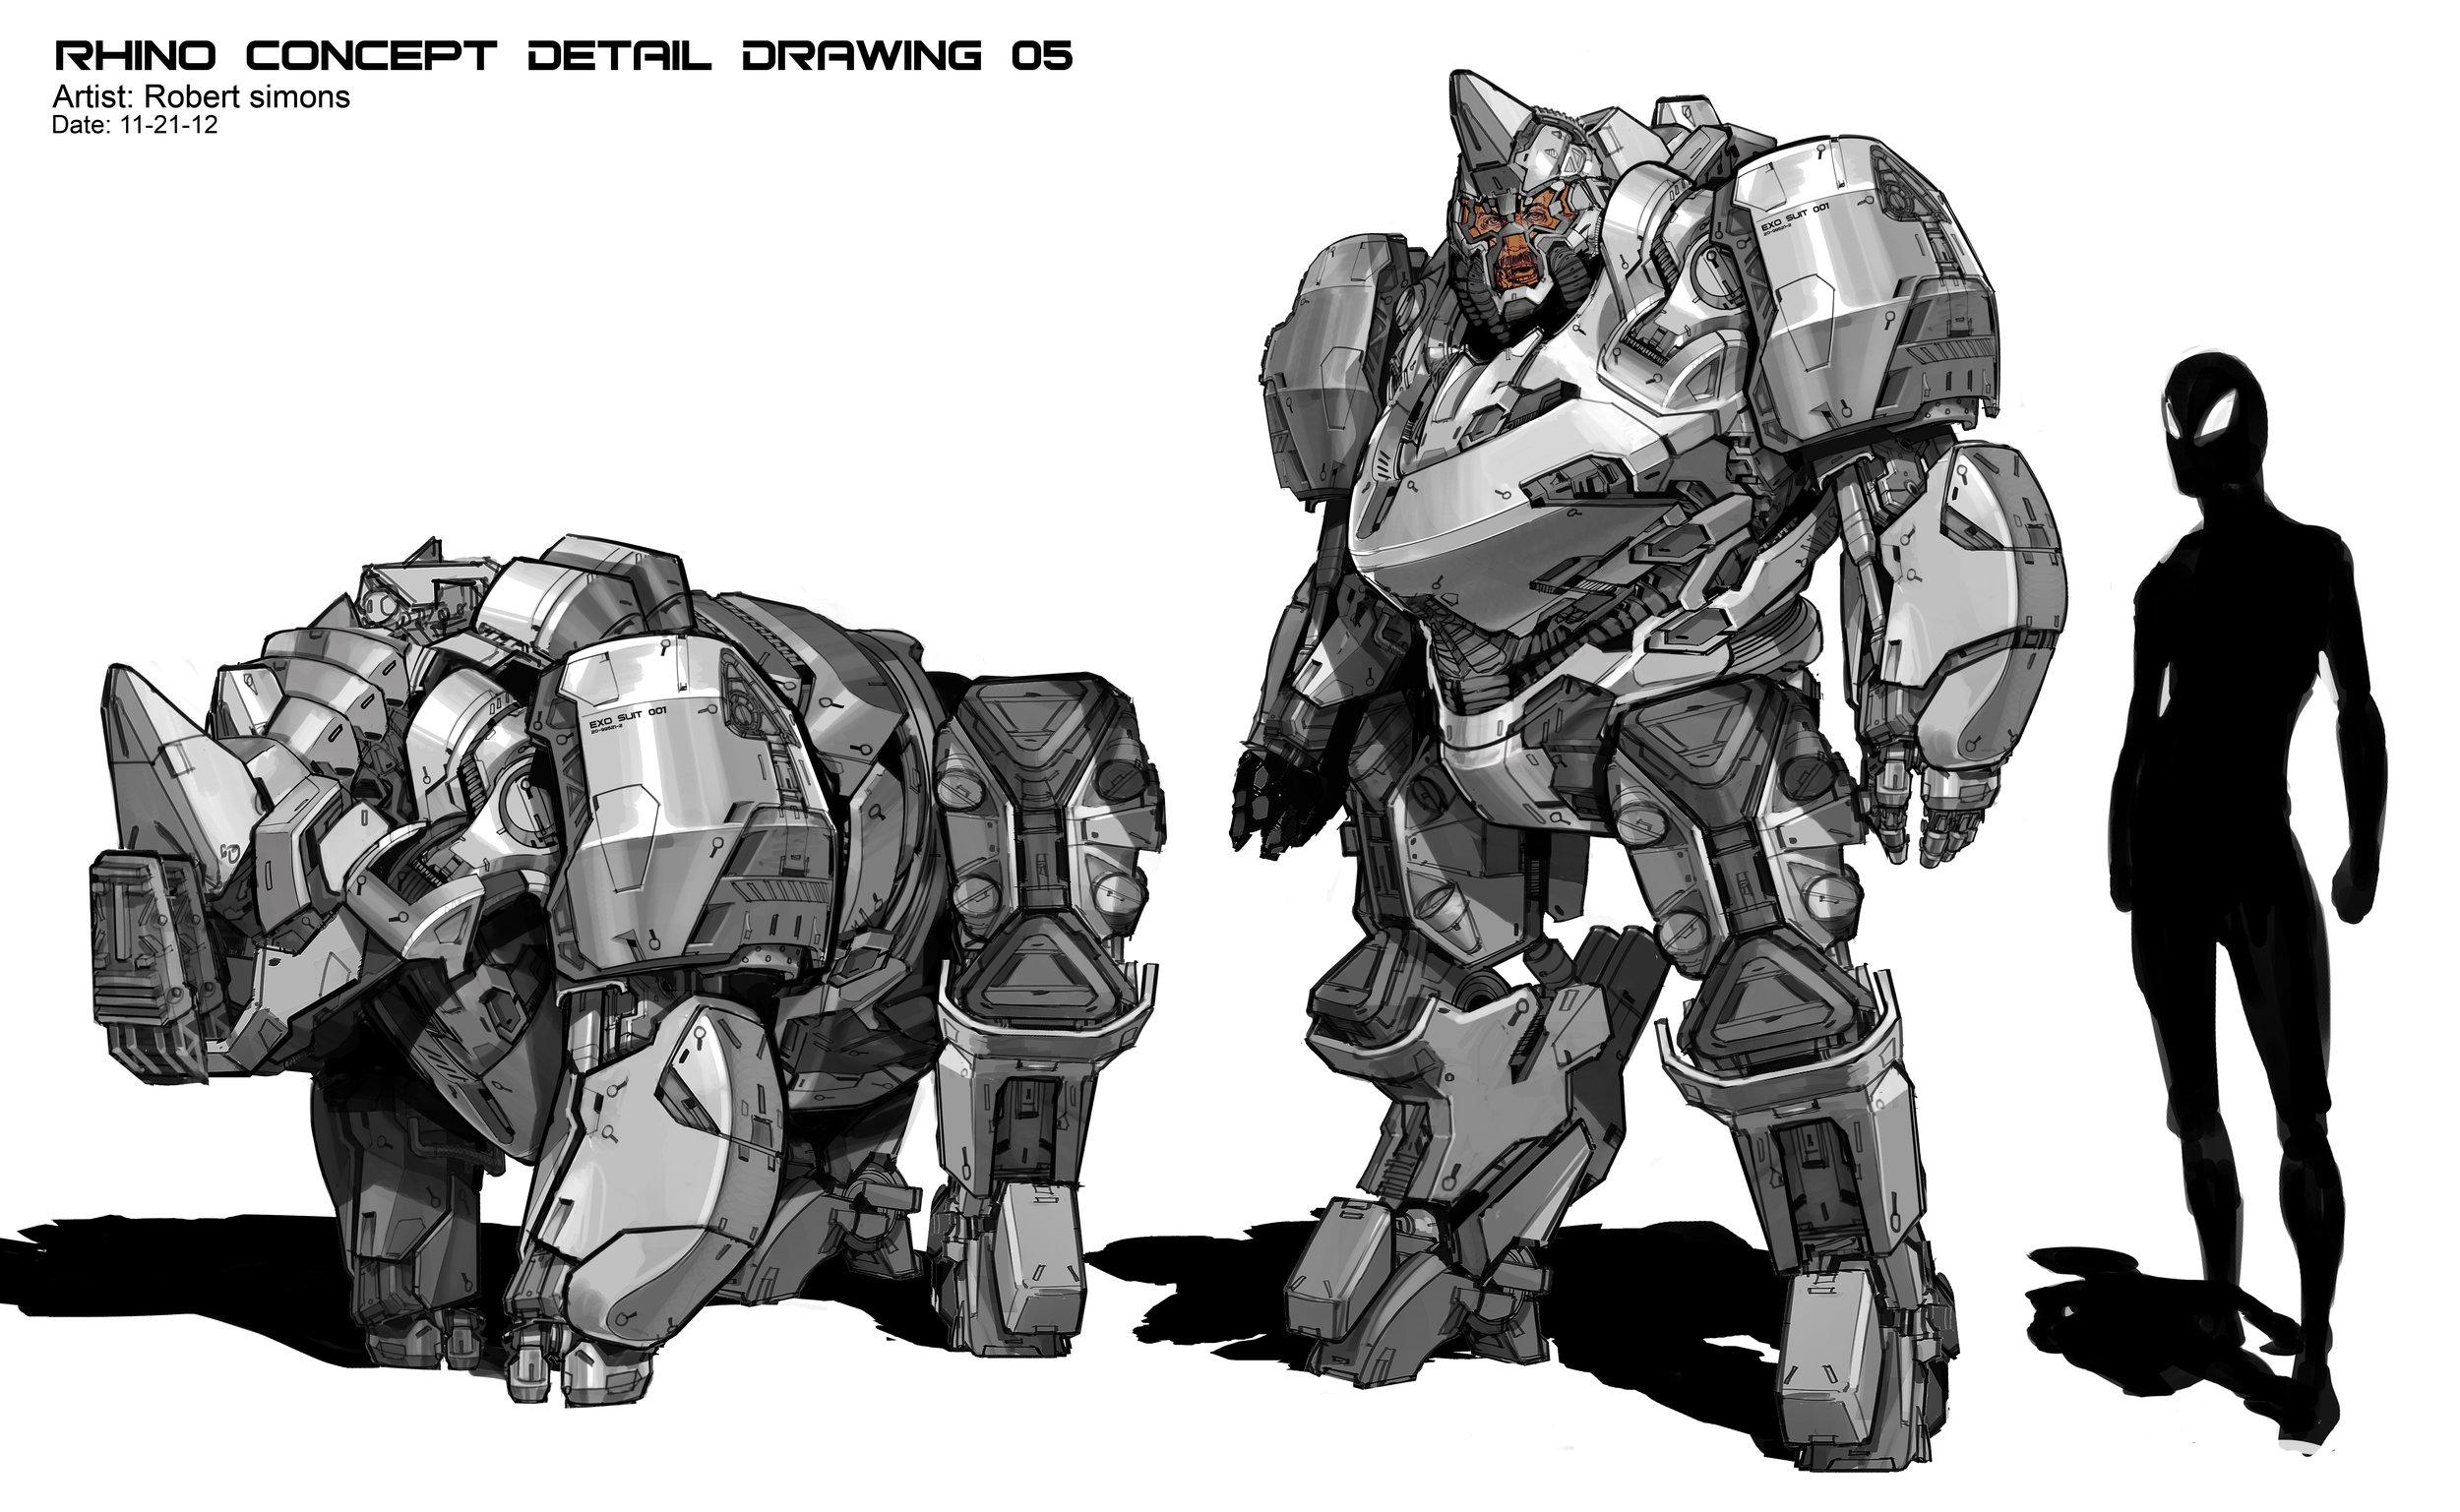 rhino_Concept05_DetailDrawing_112112_RS.jpg